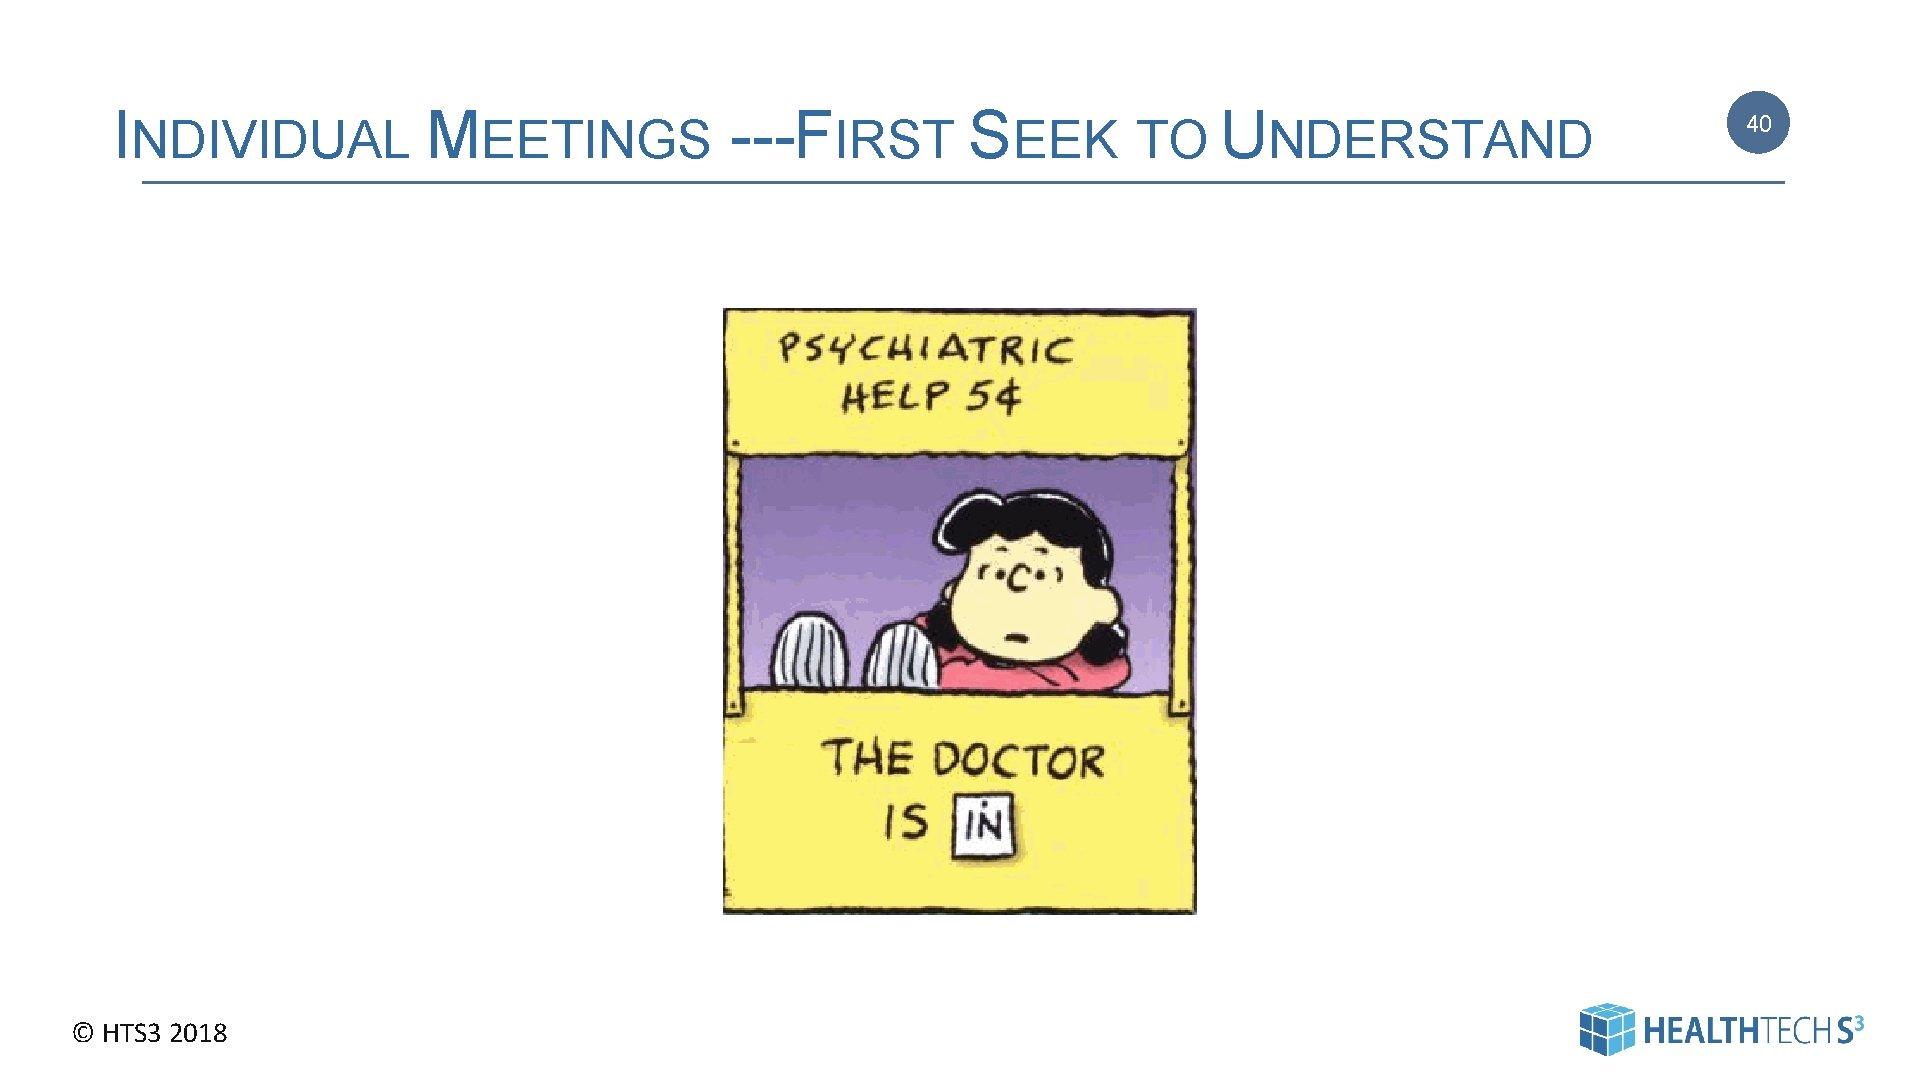 INDIVIDUAL MEETINGS --- FIRST SEEK TO UNDERSTAND © HTS 3 2018 40 40